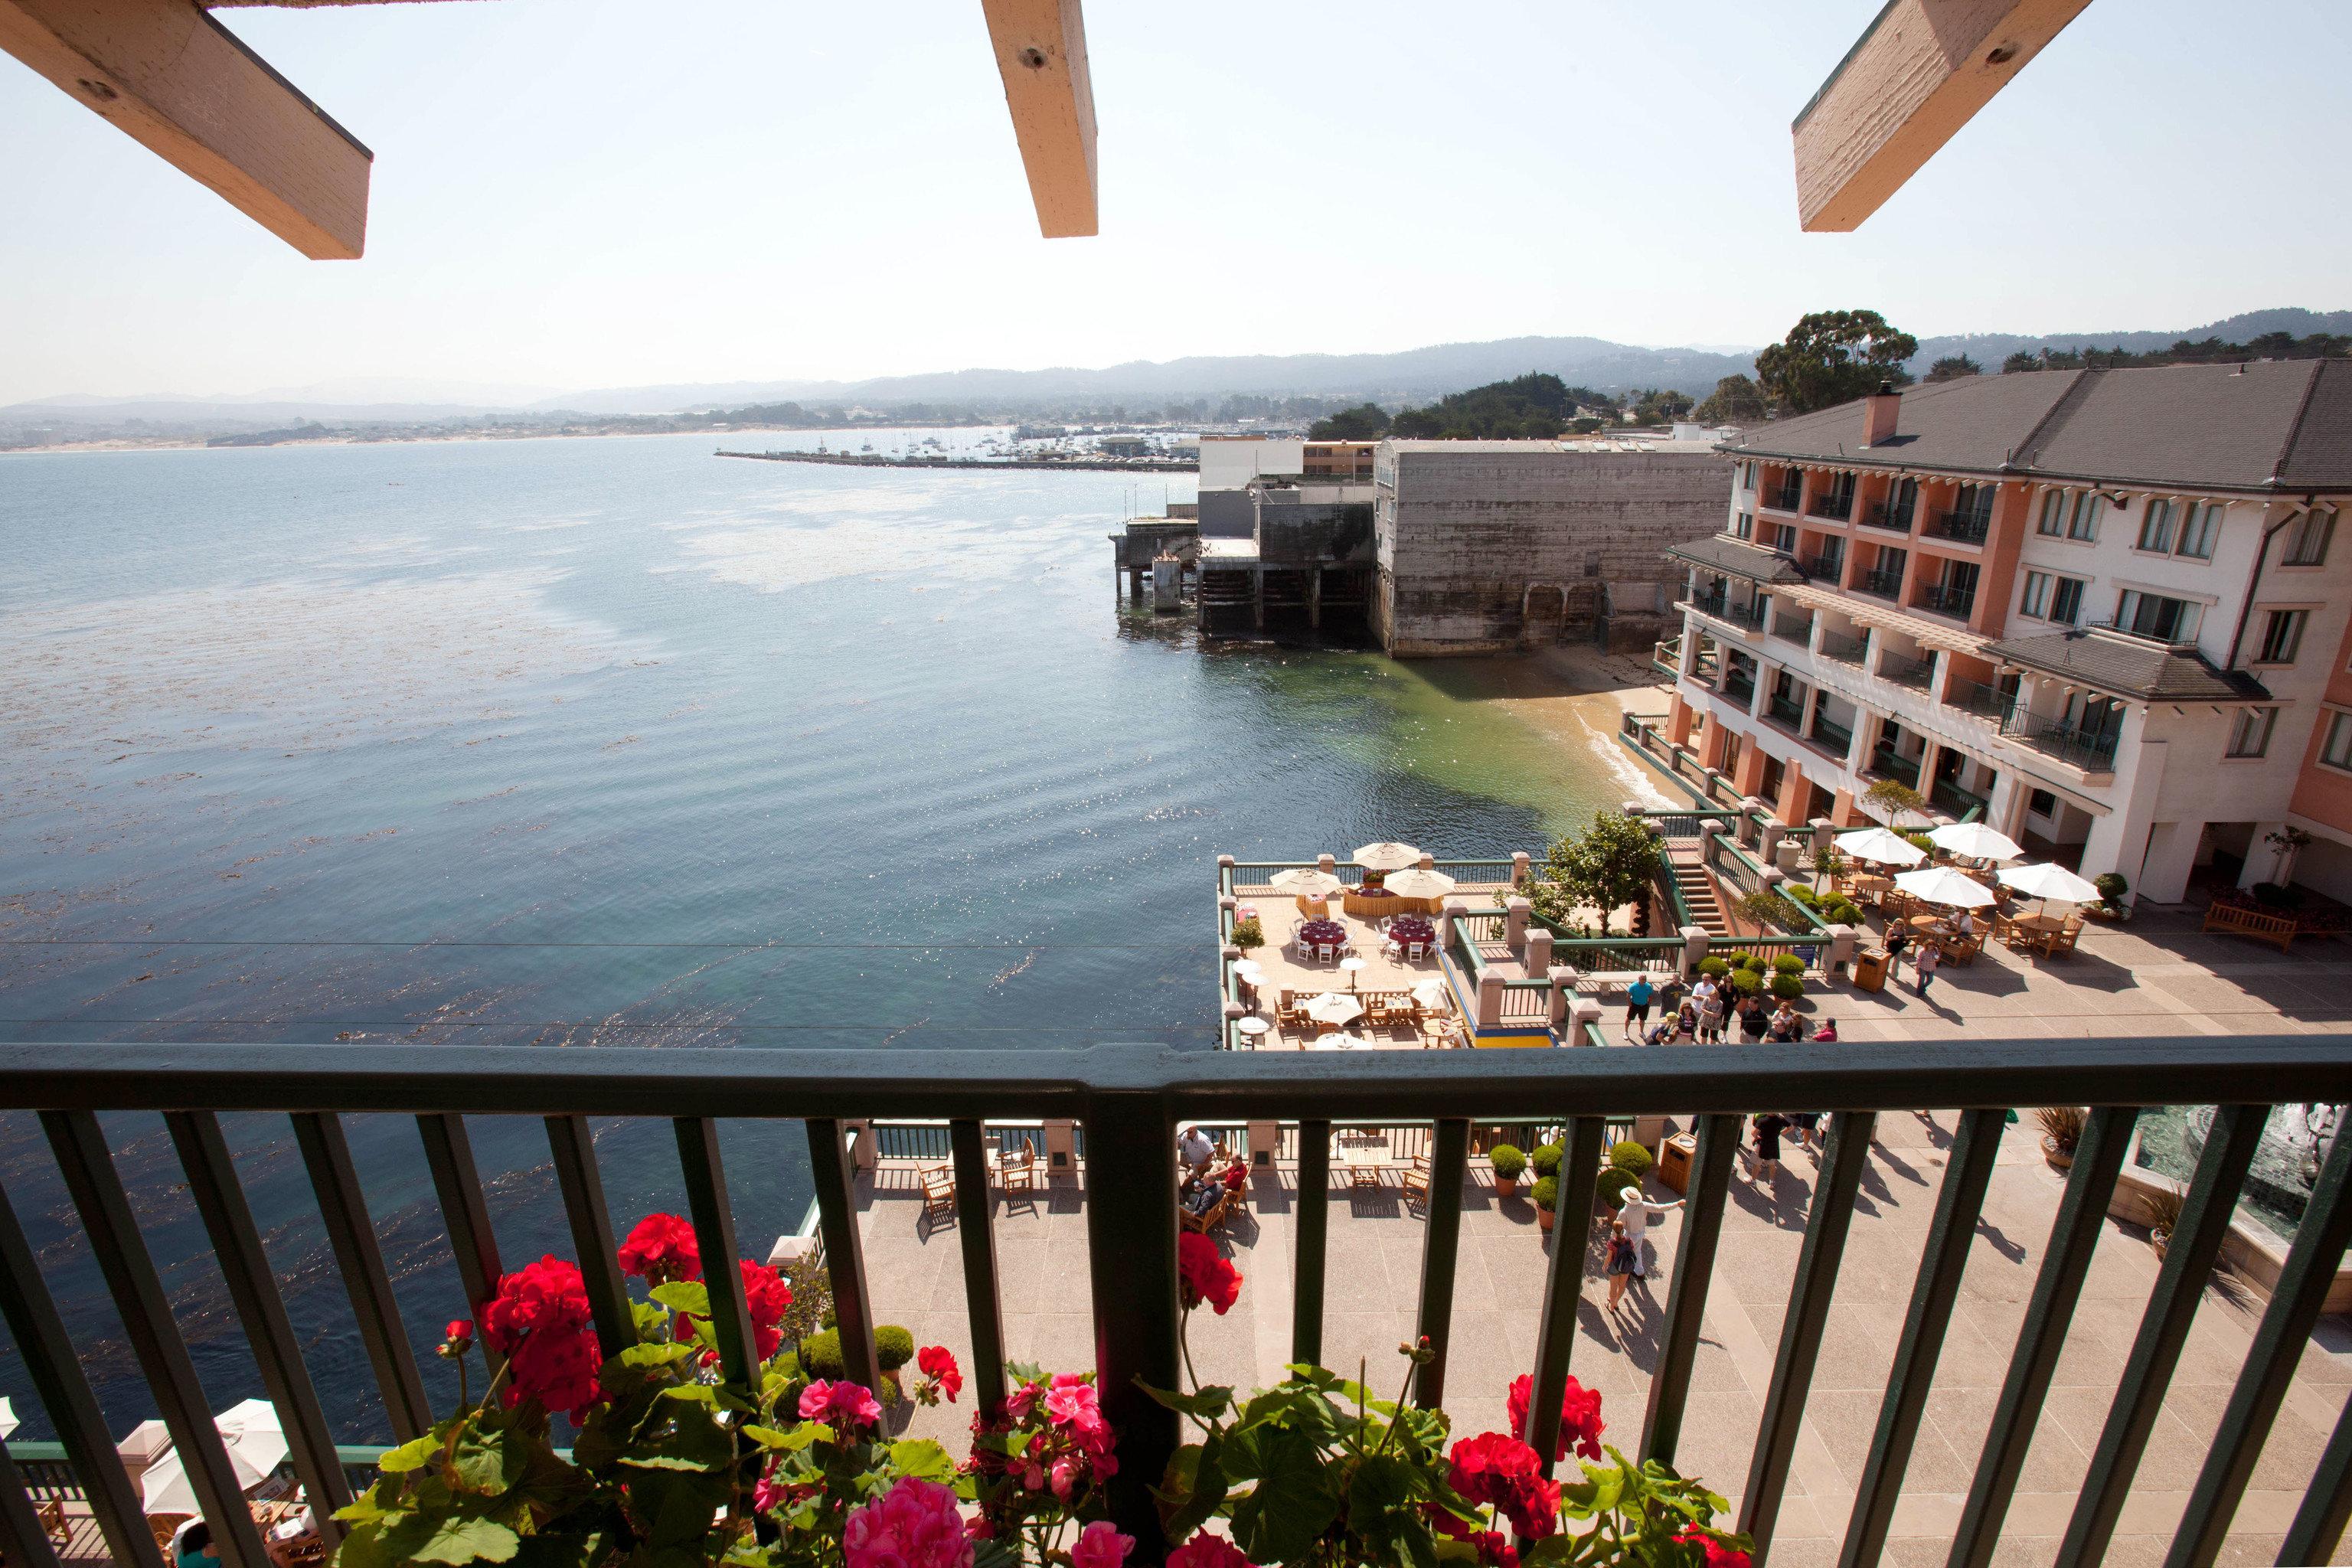 sky Deck Resort